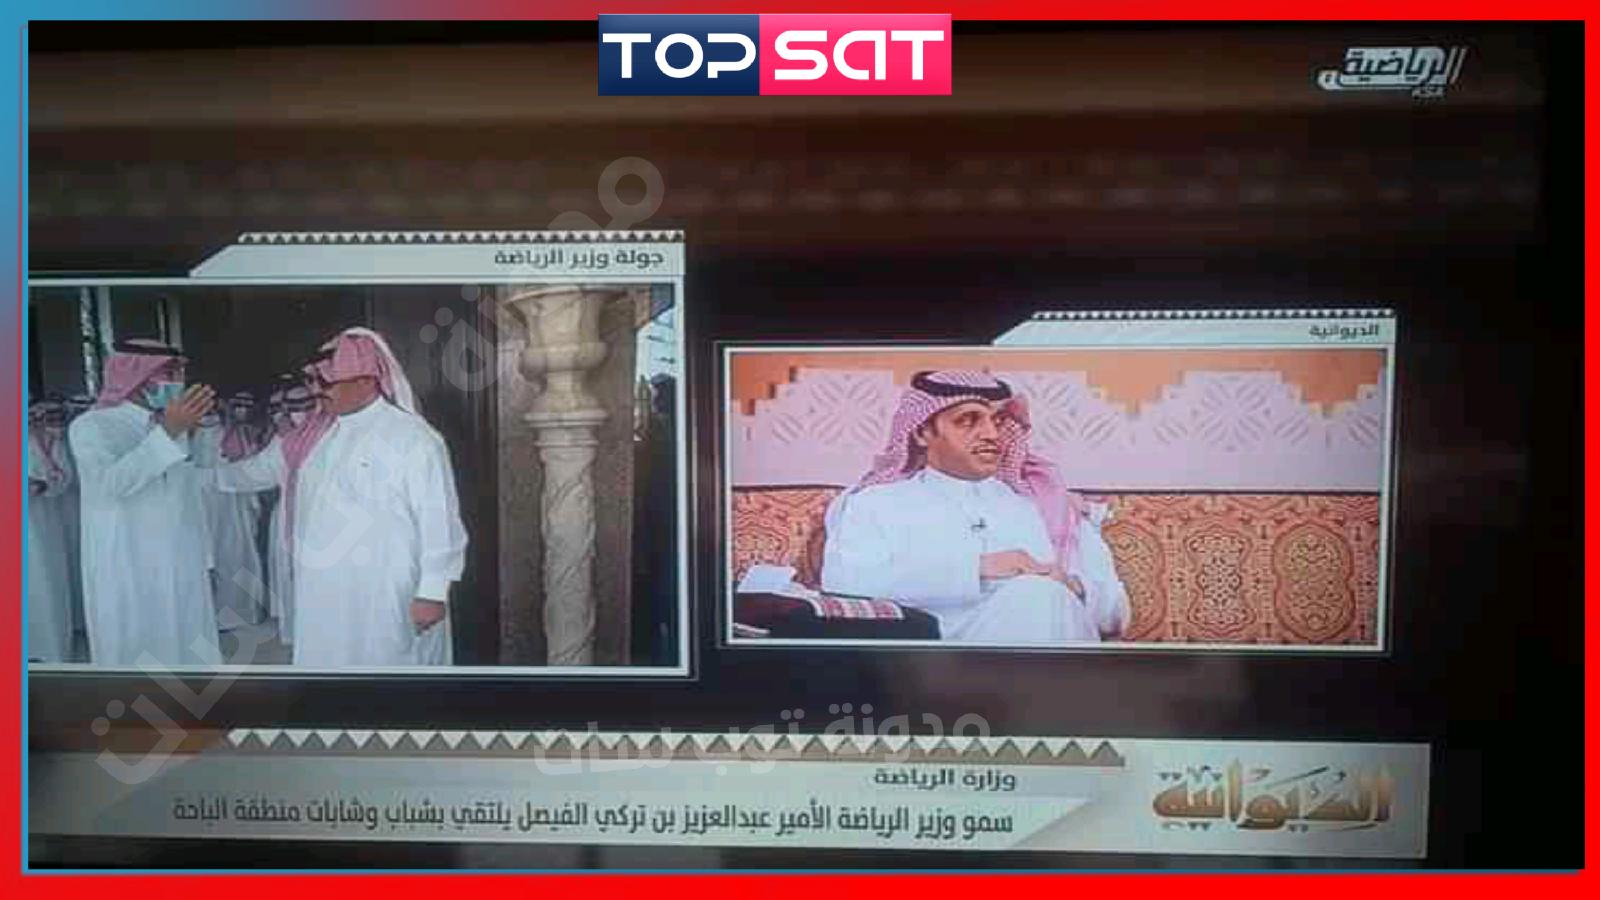 ظهور تردد 3 قنوات جديدة للسعودية الرياضية  على عرب سات (بدر 26) 2020